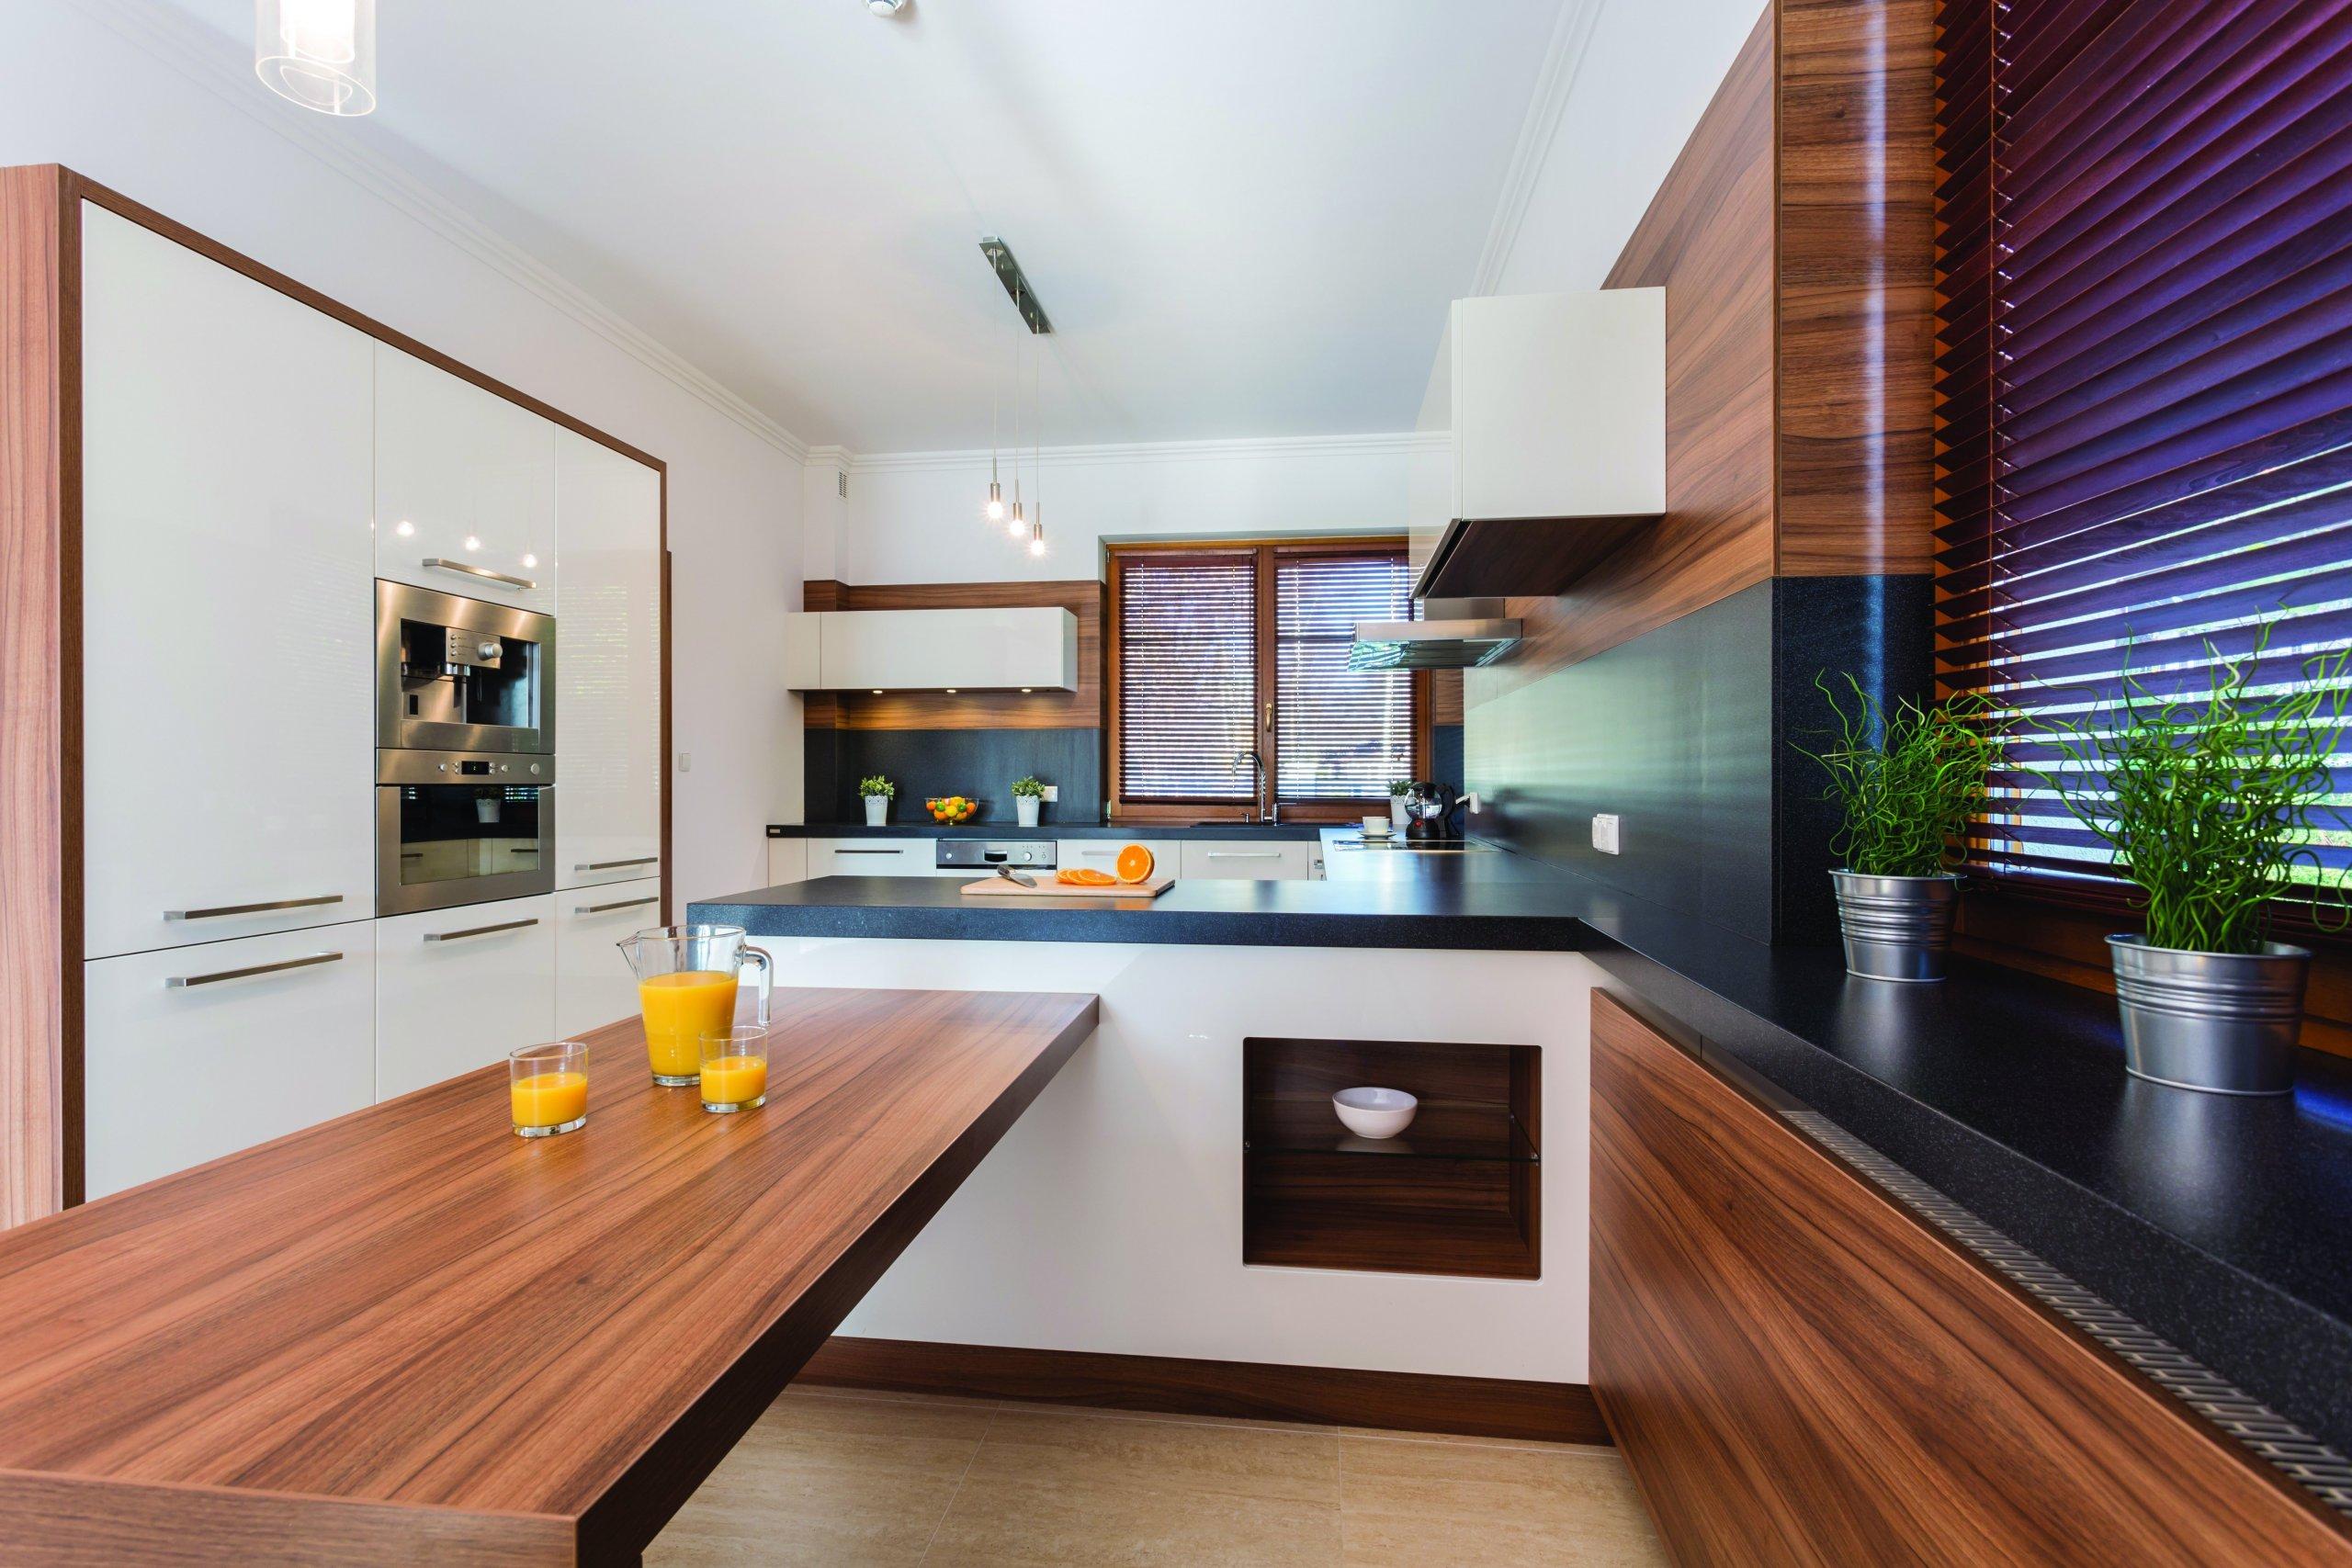 Moderní kuchyně s ostrůvkem a dřevěnými prvky.